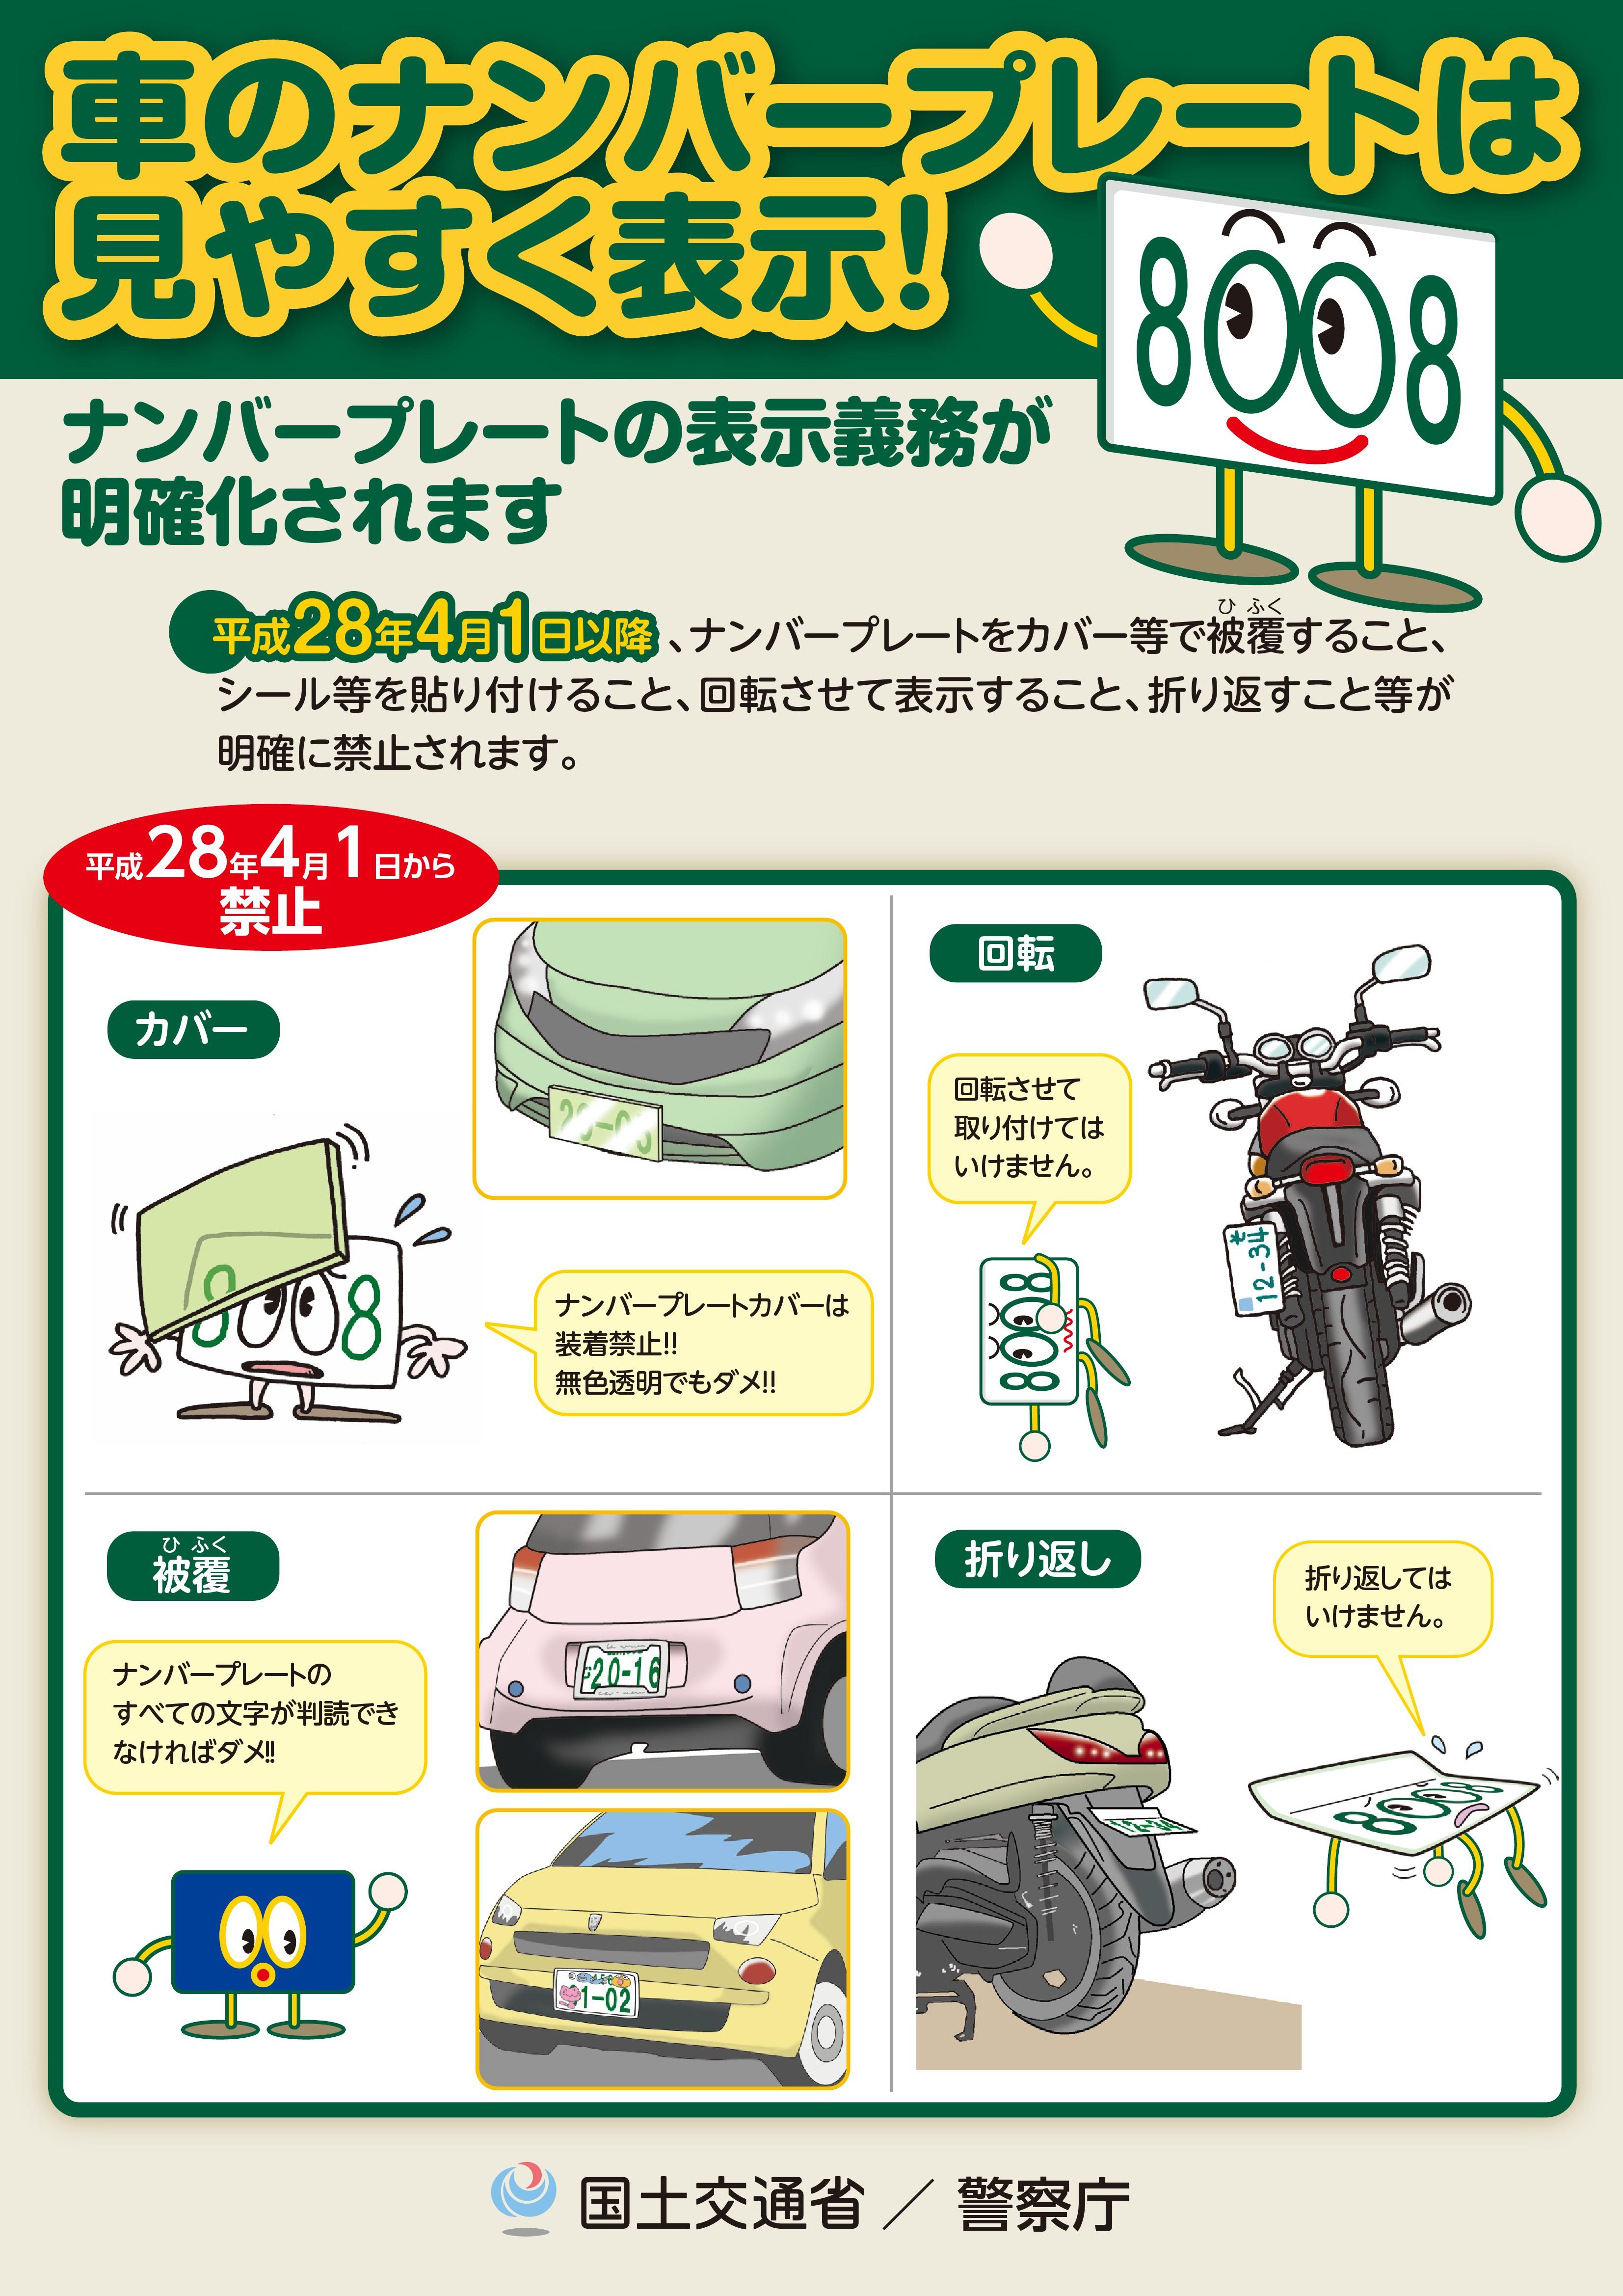 当店オフセットナンバーステーの車検対応:平成33年4月以降の新基準でどのような扱いになるか?